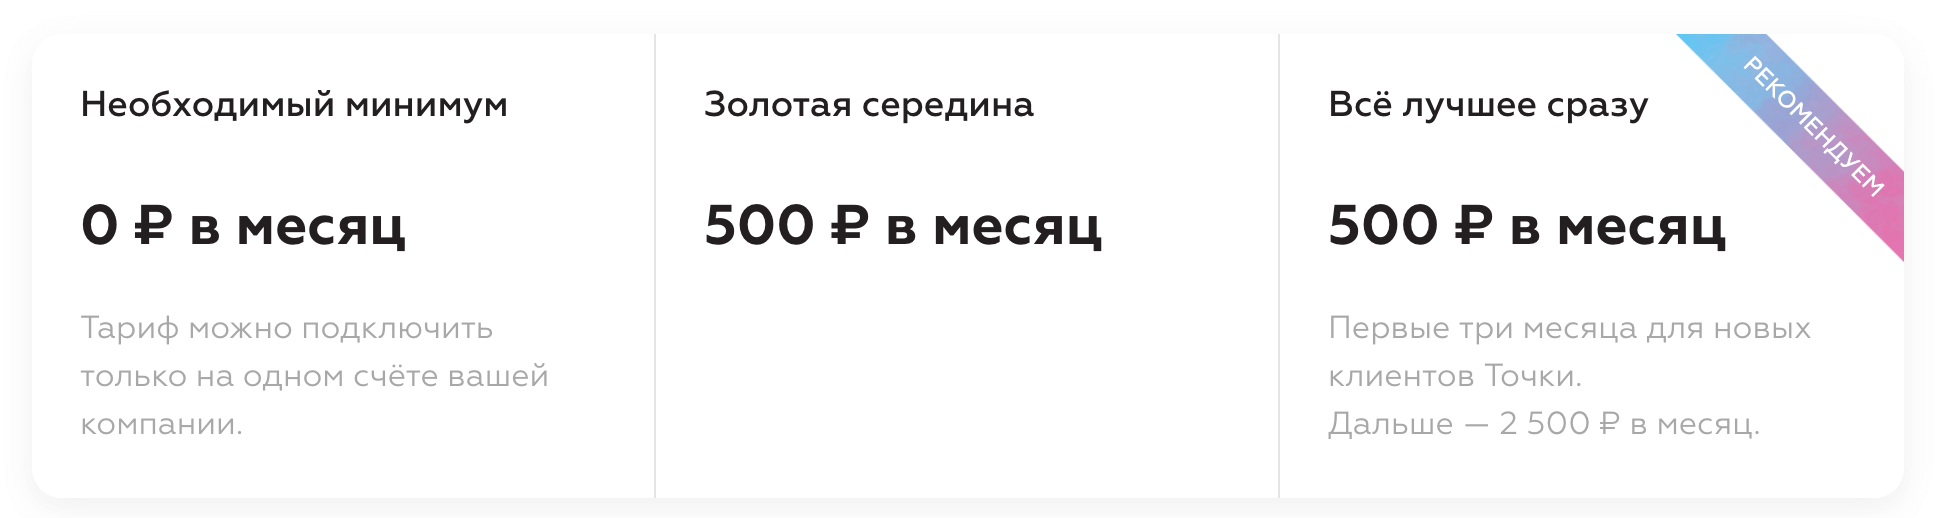 tochka-tariffs.png